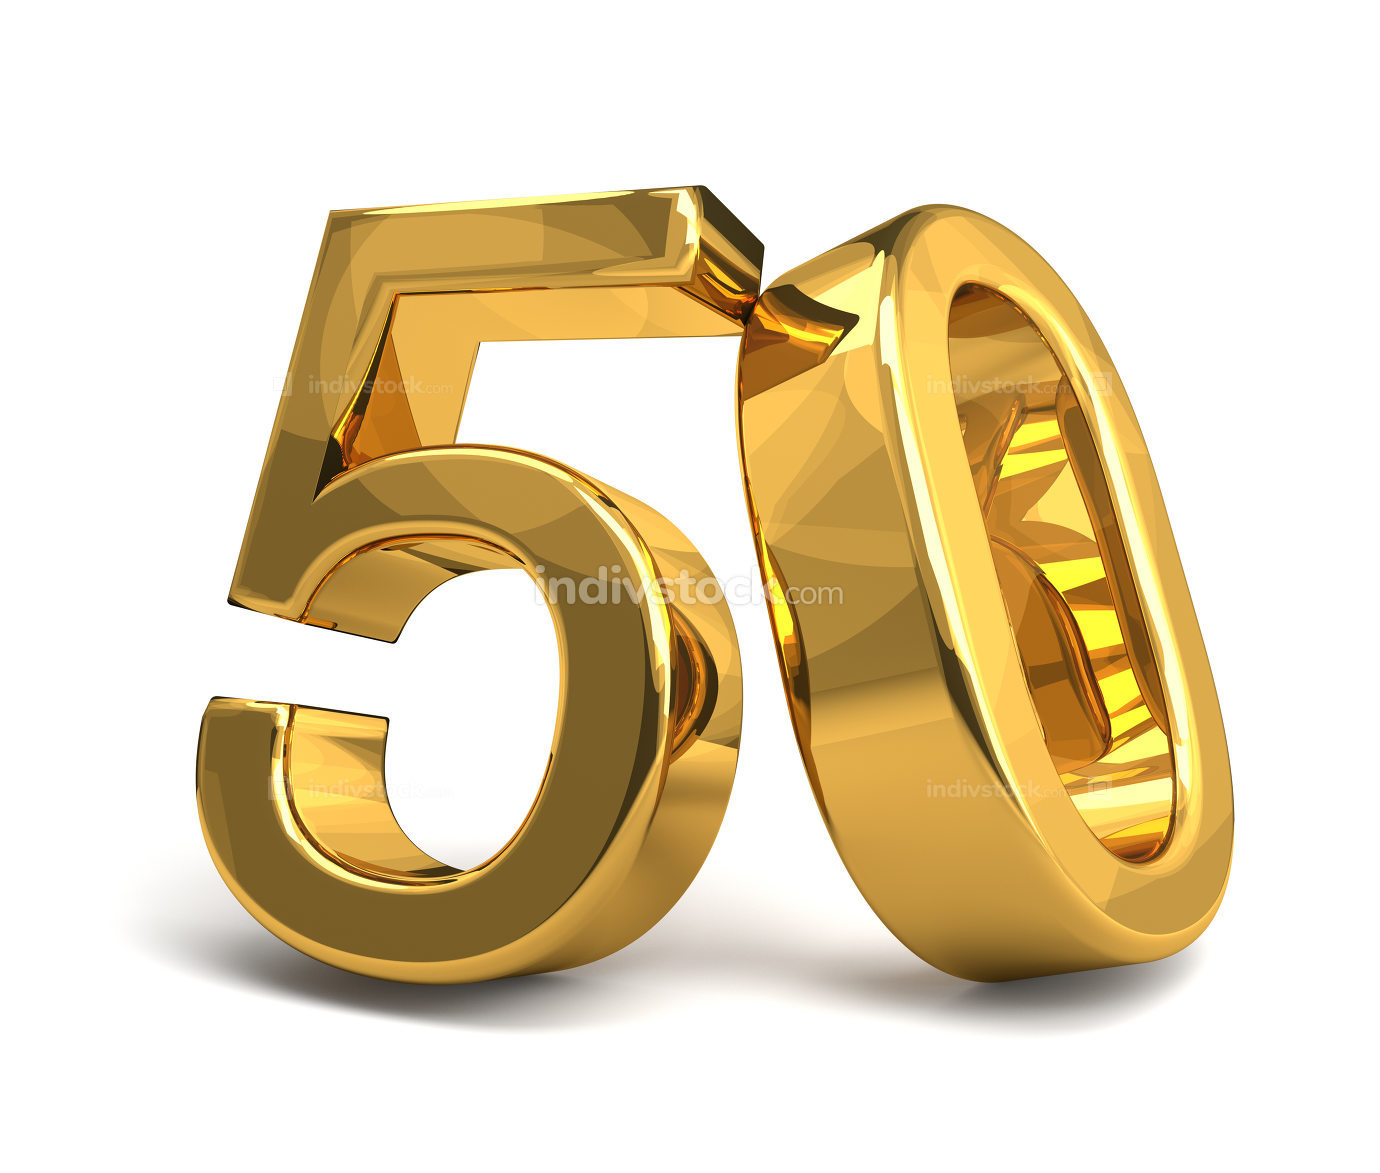 50design